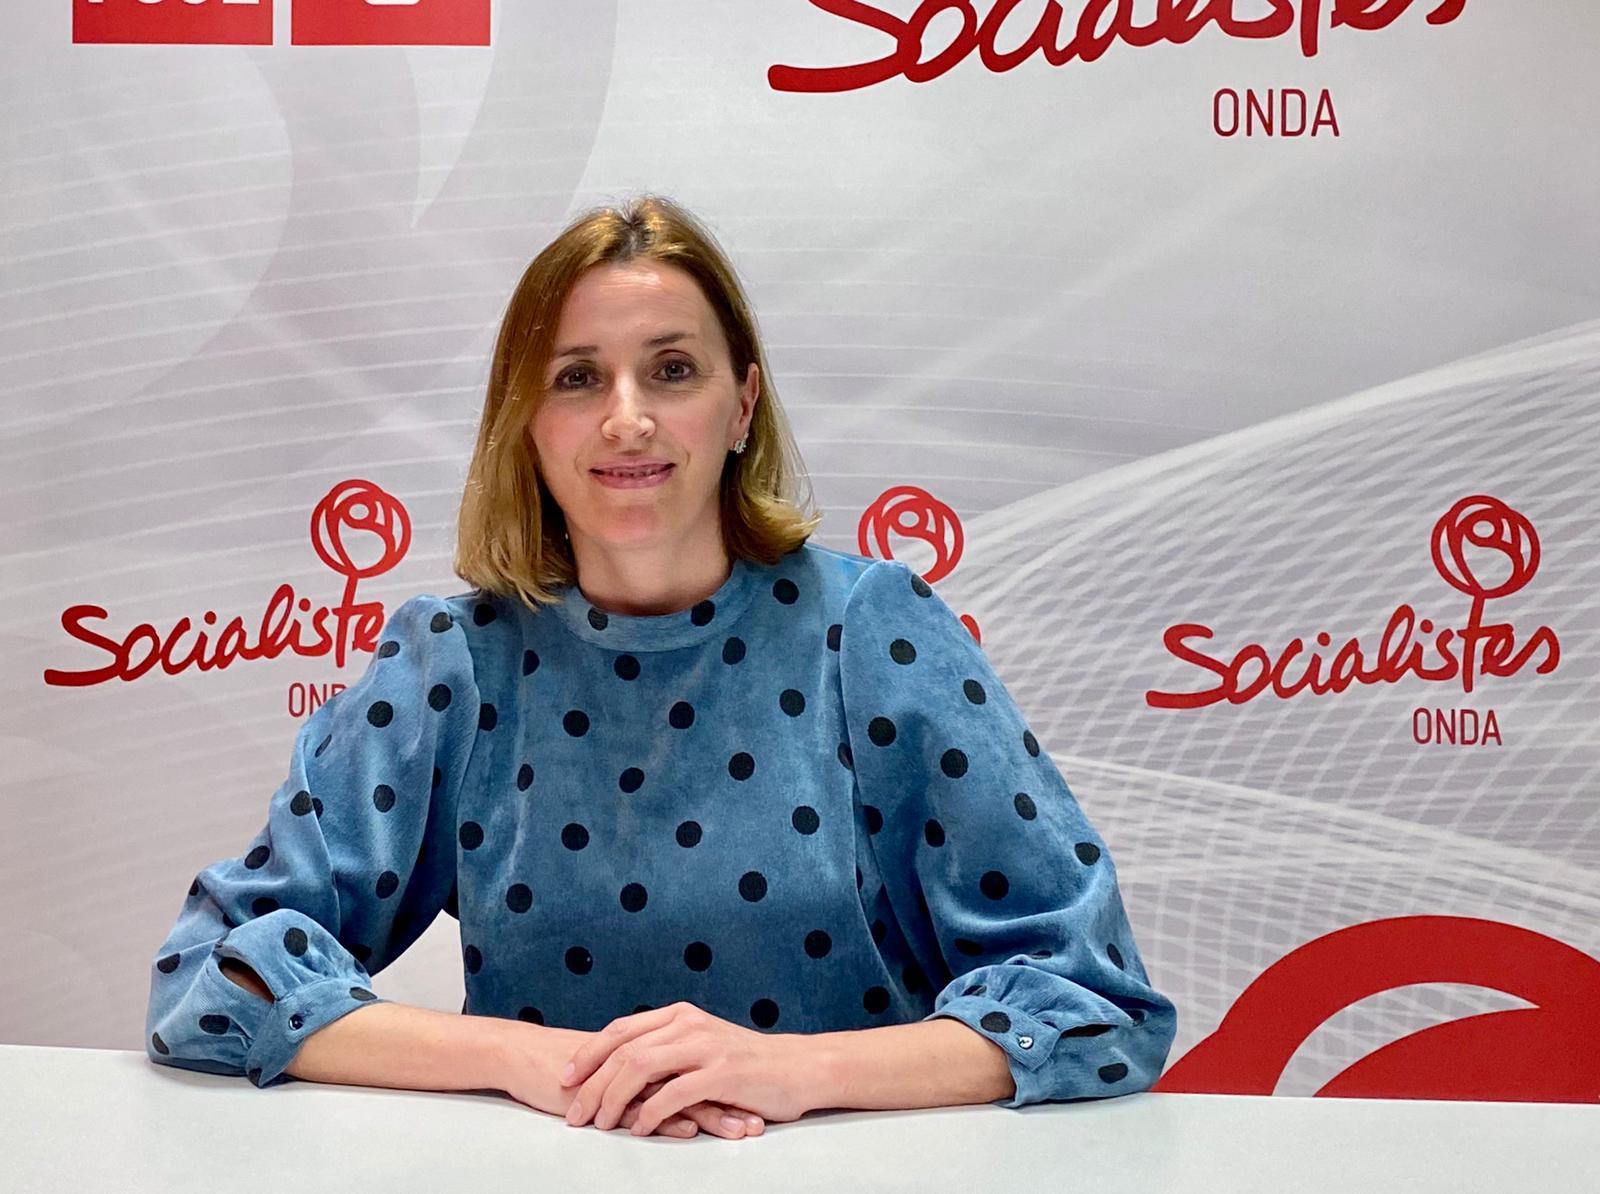 """Piquer (PSPV-PSOE) lamenta que el Pacto por Onda esté """"falto de iniciativas"""" y haya derivado en un nuevo """"postureo"""" de la alcaldesa del PP"""